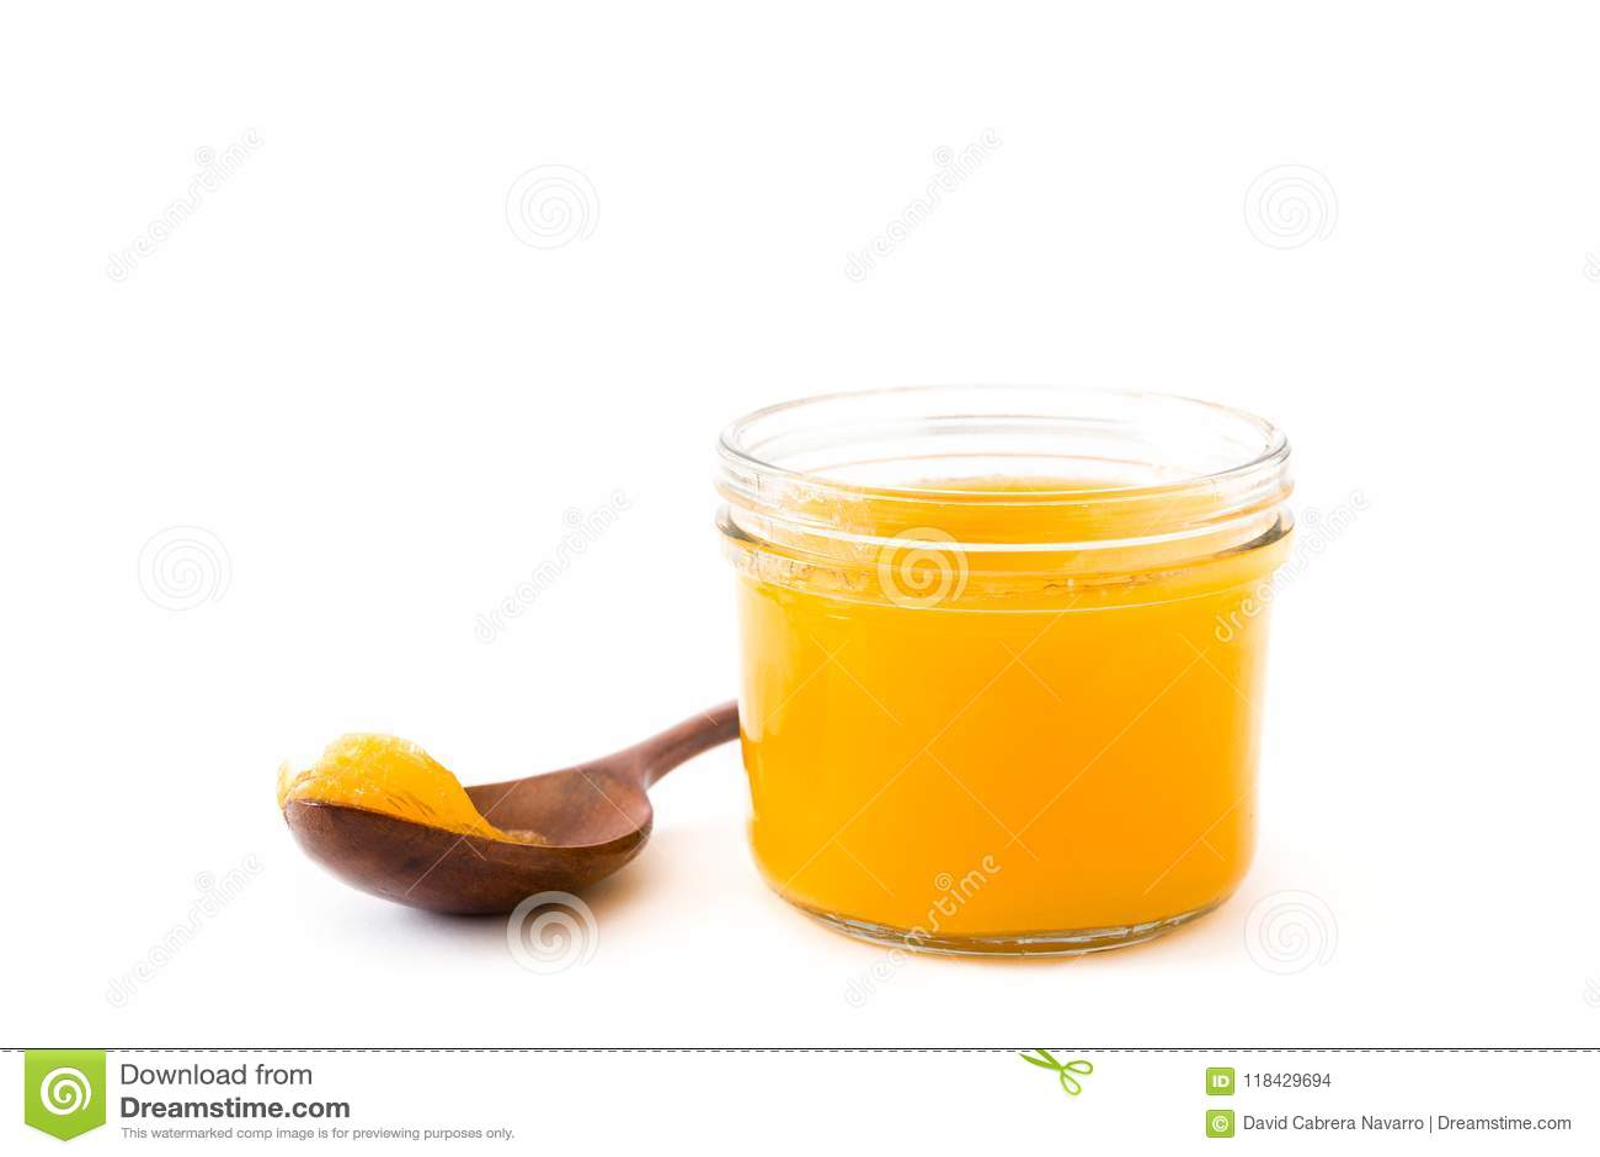 Ghee ή διευκρινισμένο βούτυρο στο βάζο και το ξύλινο κουτάλι που απομονώνονται